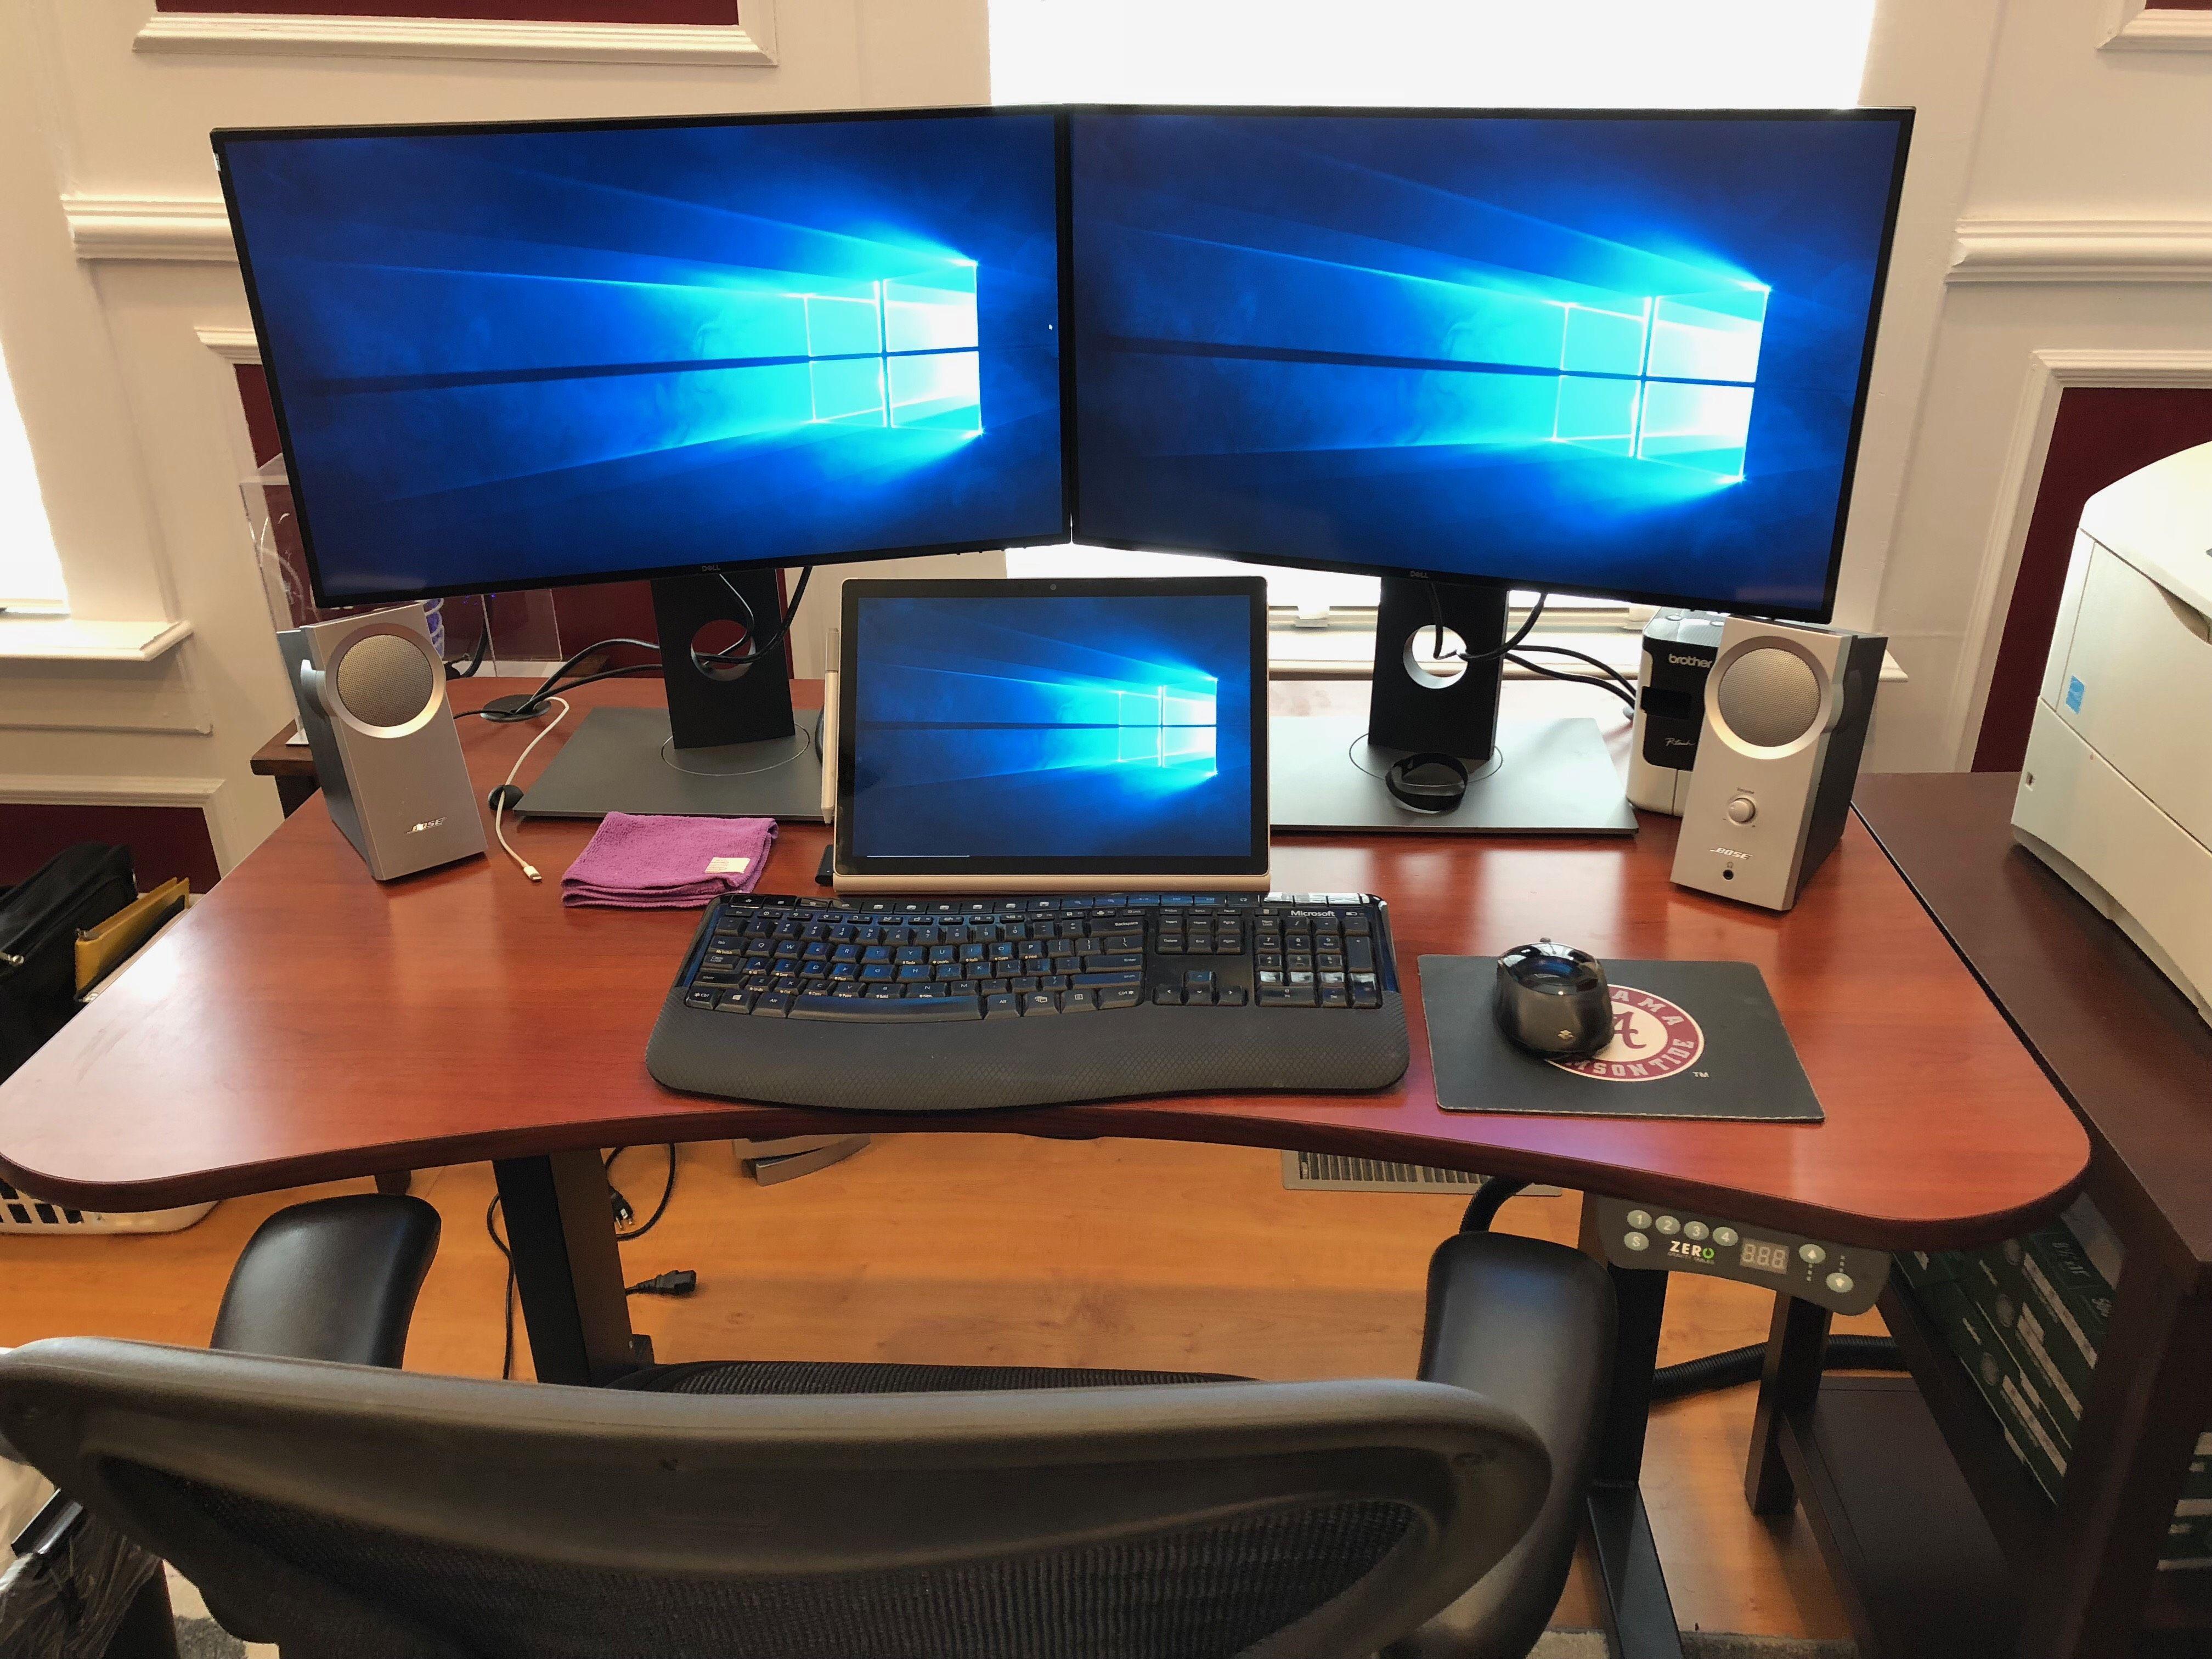 monitor set up.jpeg